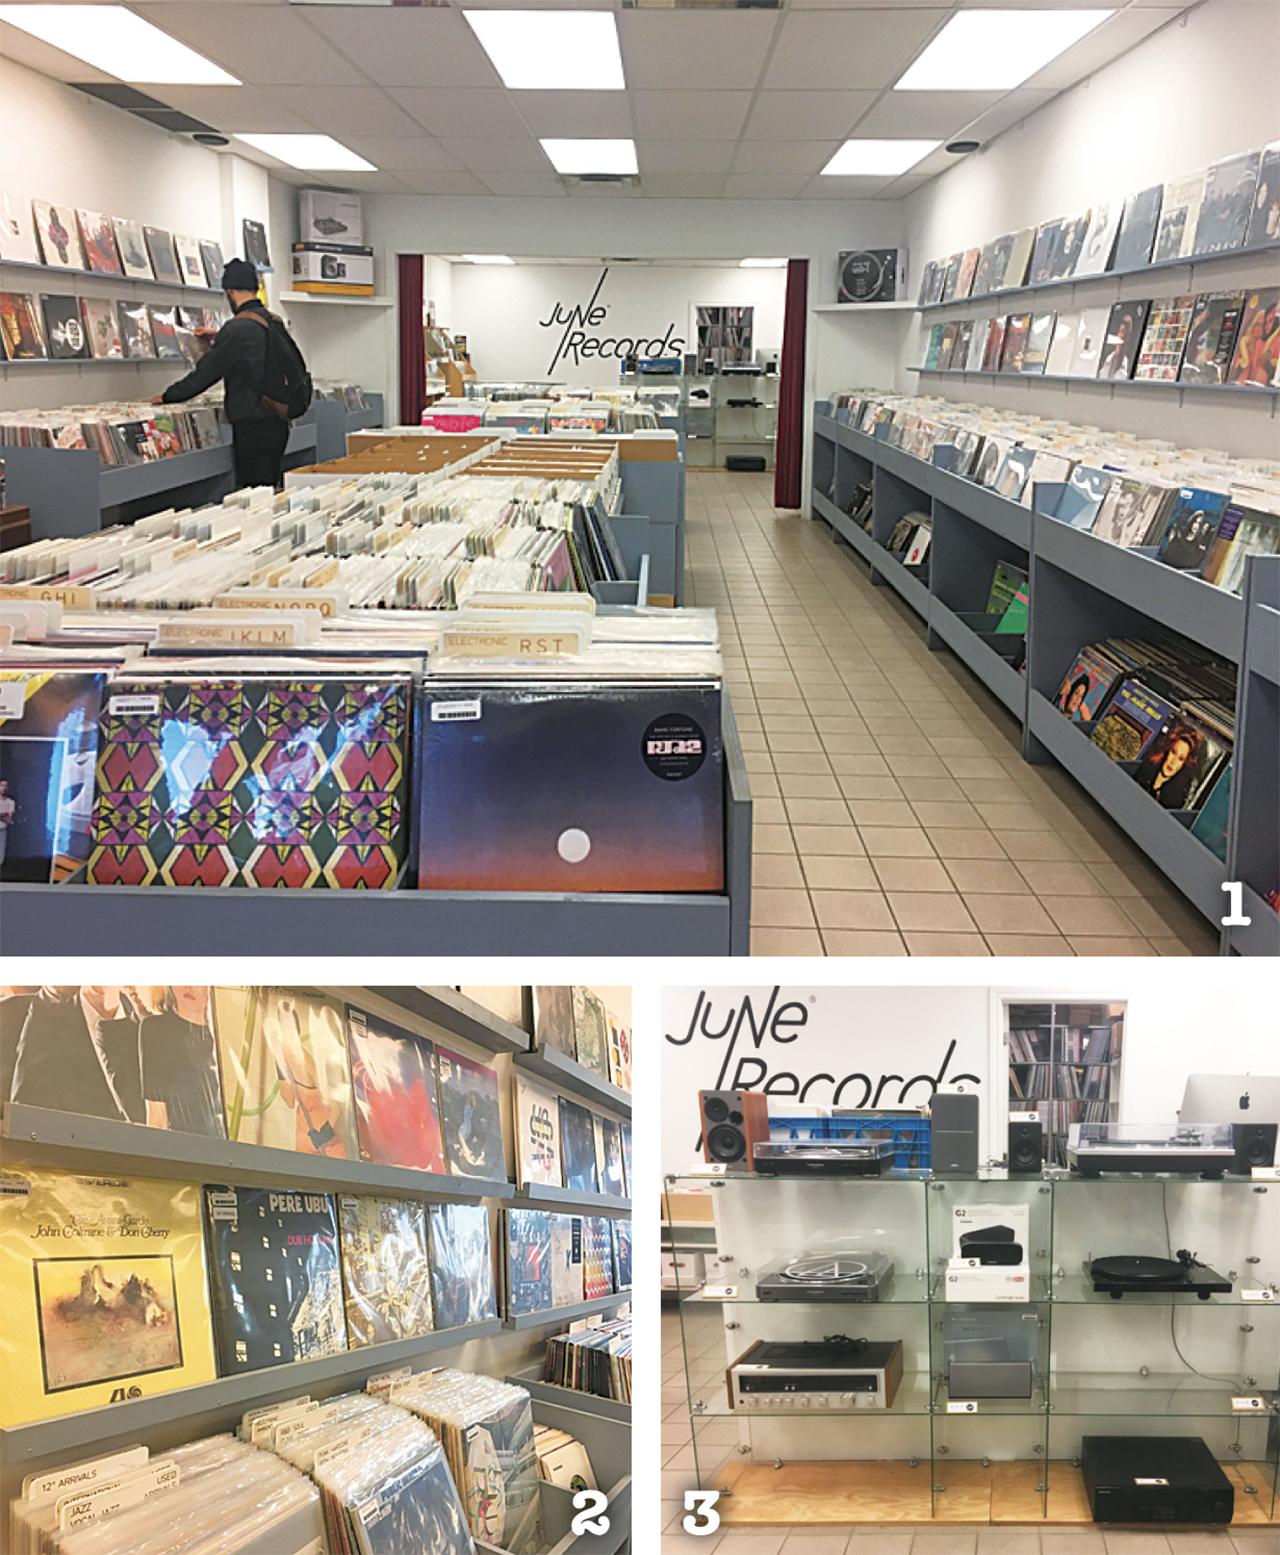 1 お店には数え切れないほどたくさんのレコードが! 2 ジャンル別に分けてあるのでお気に入りの音楽も探しやすい 3 なかなか見かけないレコードプレーヤーも!